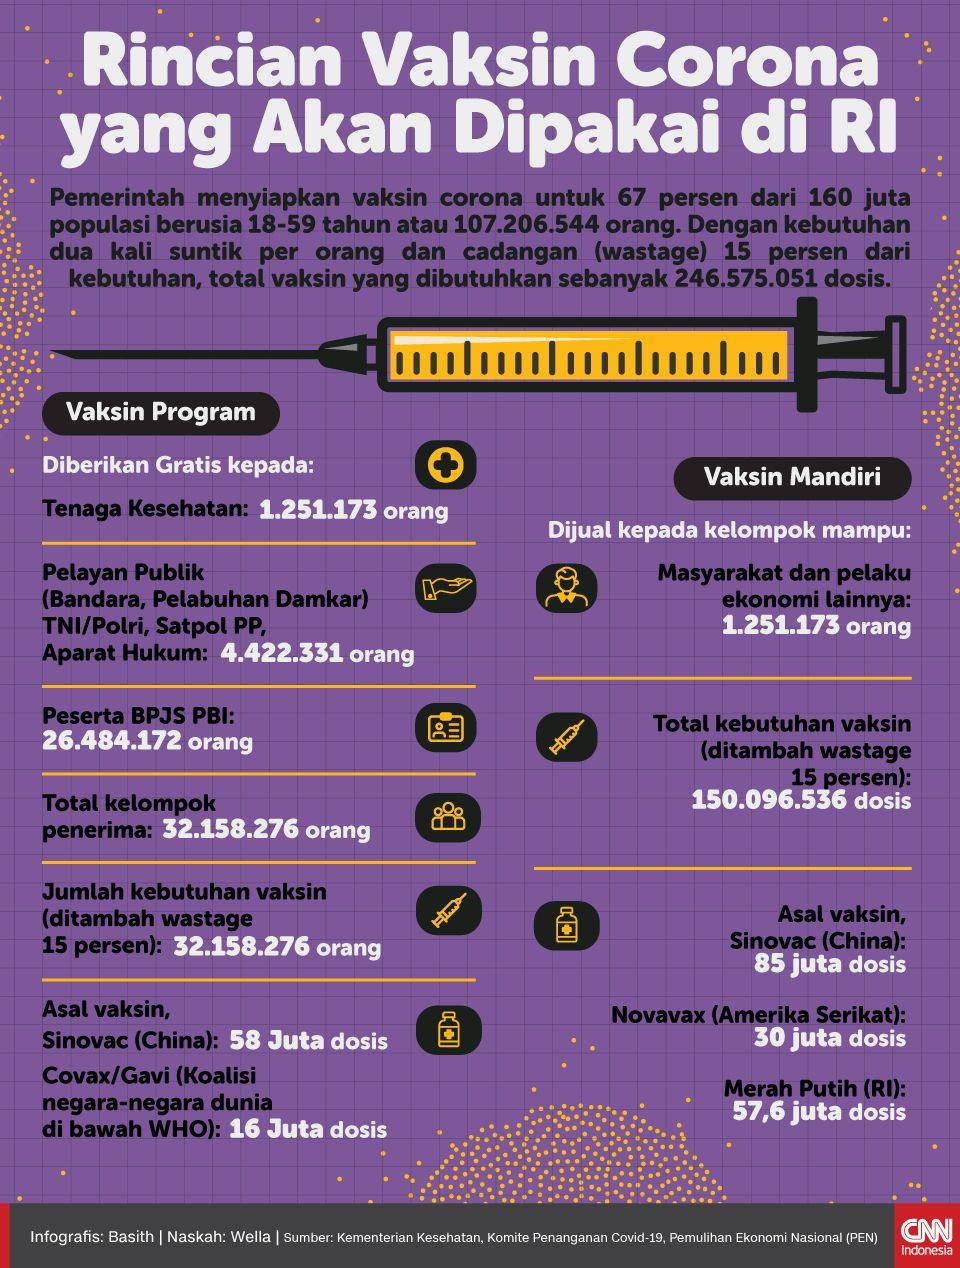 Infografis Rincian Vaksin Corona yang Akan Dipakai di RI